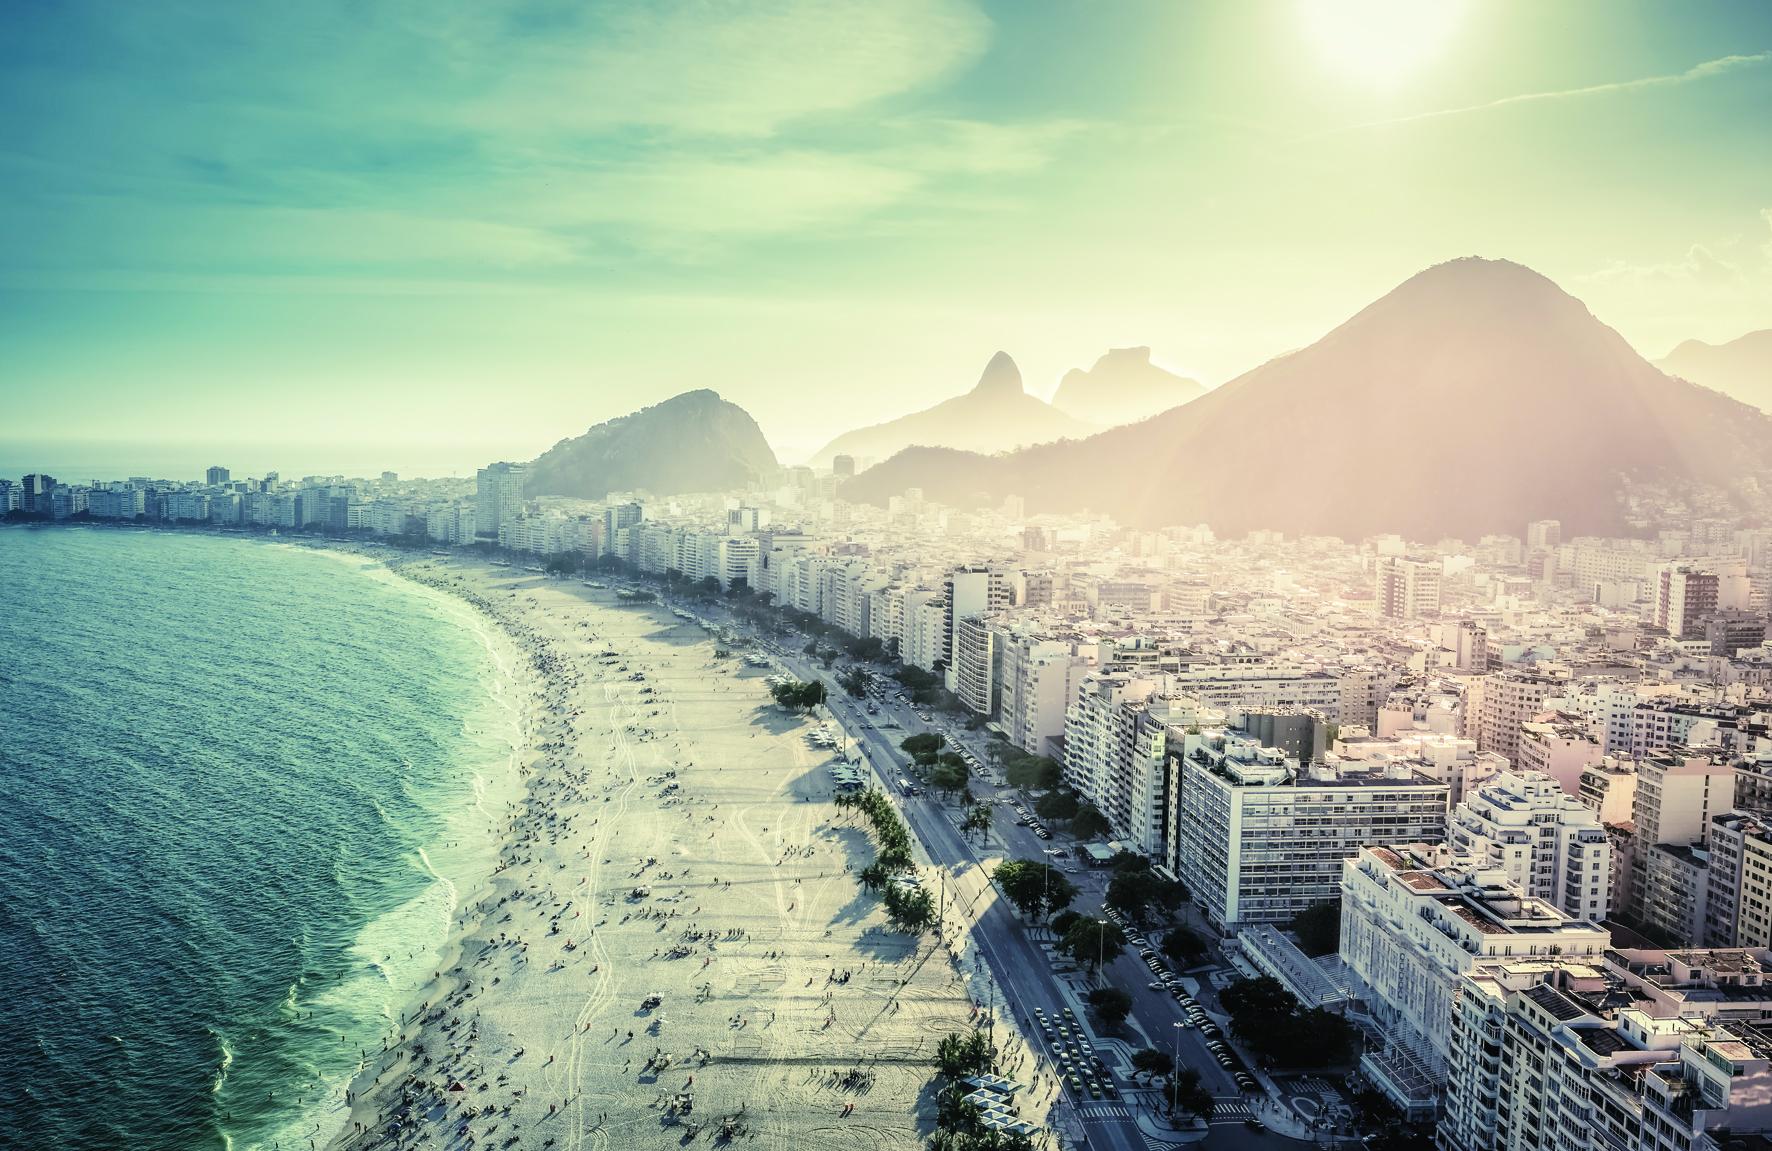 Valore nel debito emergente in America Latina, soprattutto in Brasile